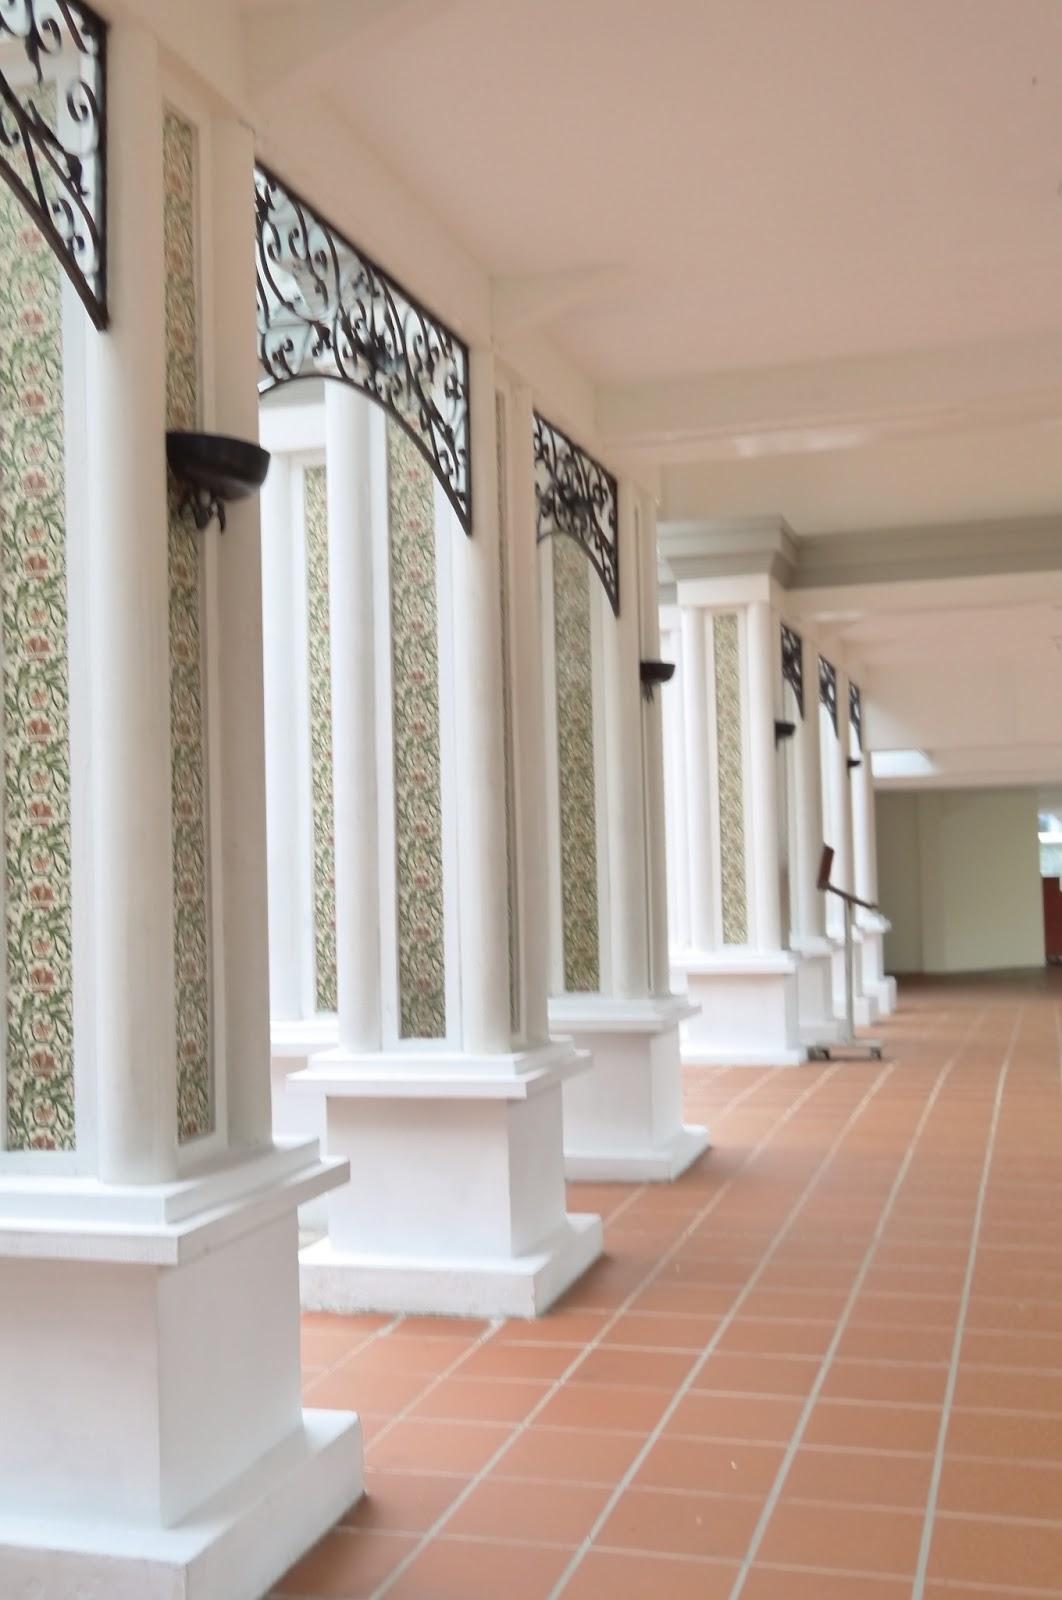 Exterior-pillar-designs  for Square Pillar Designs Pictures  156eri